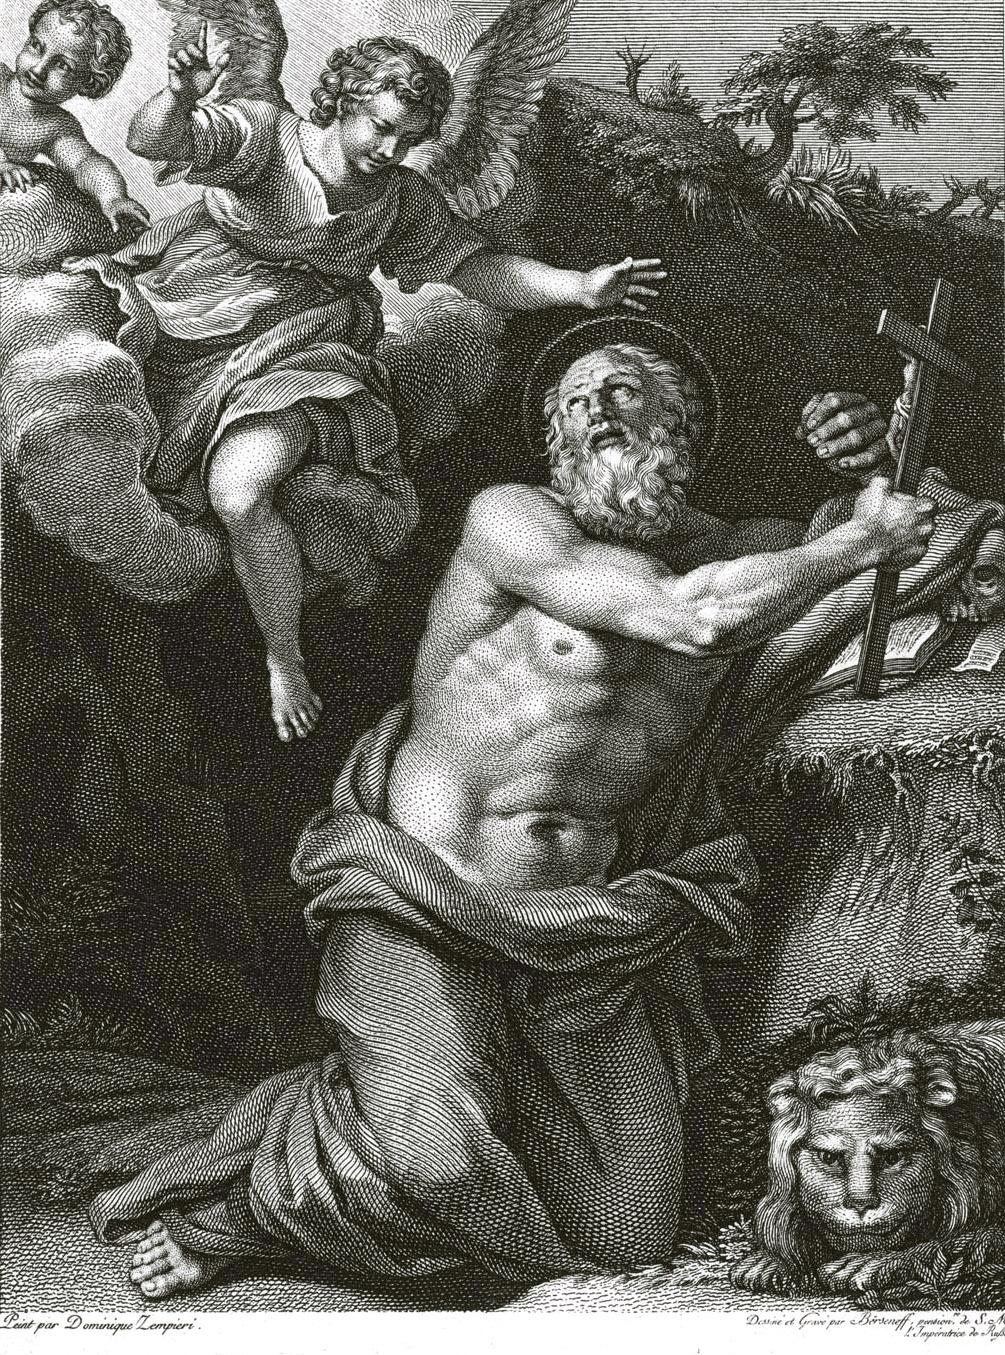 122. Св. Иероним, с картины Доминикино, работы Берсенева